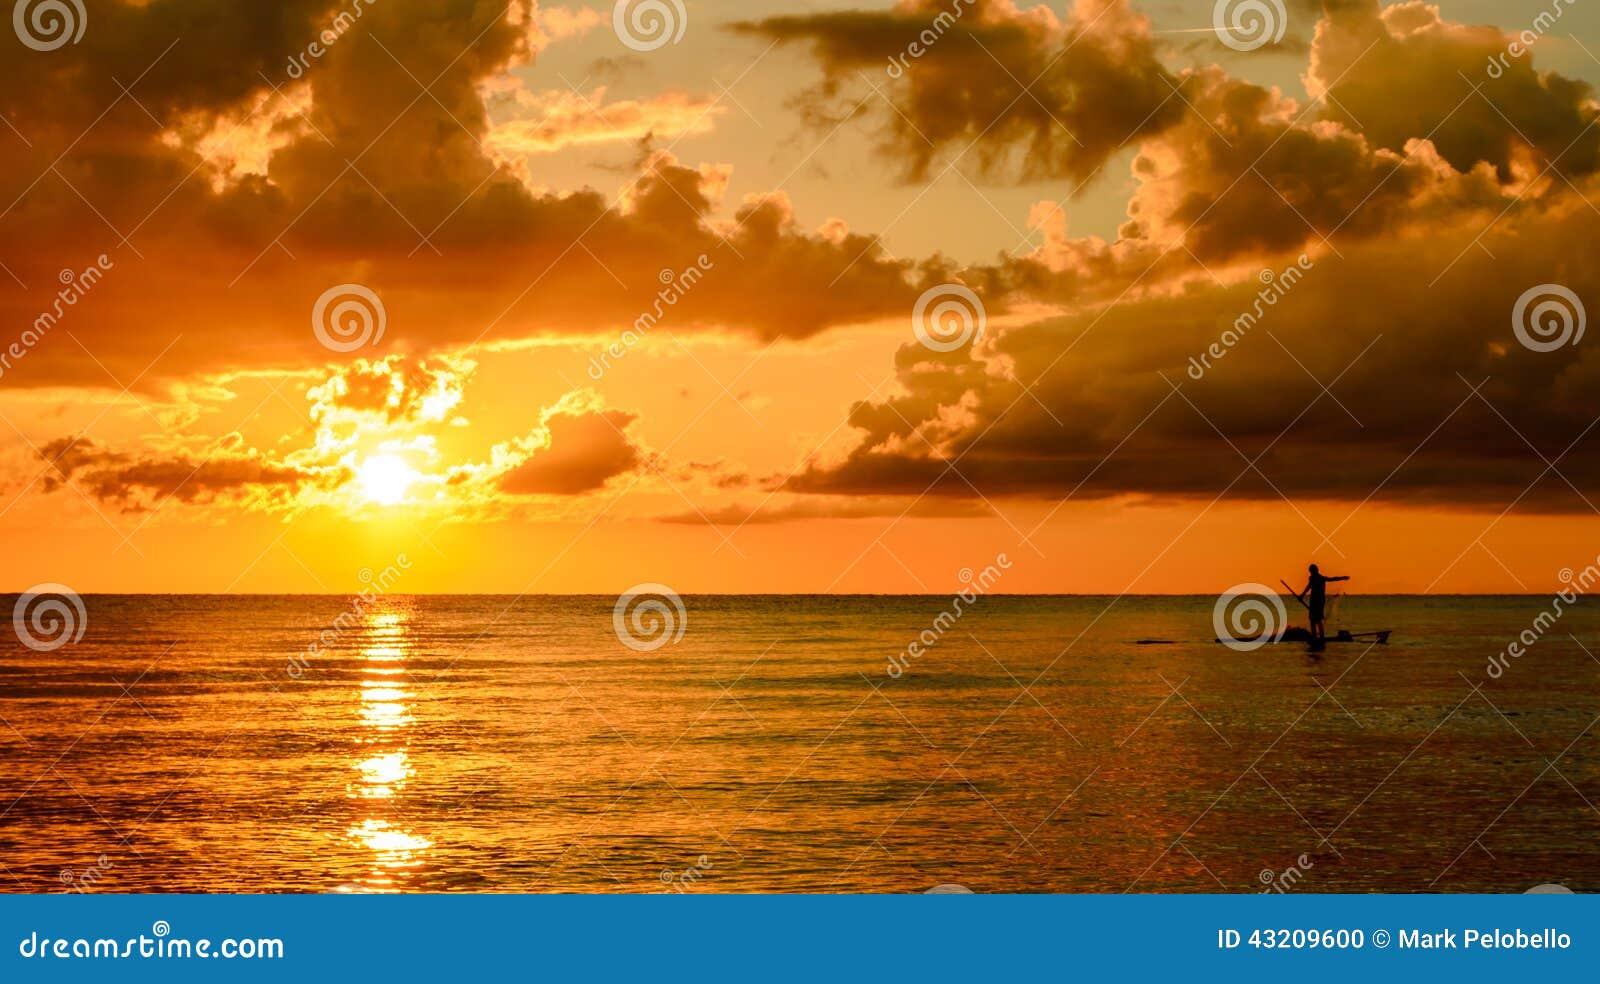 Download Fiskare Silhouette Fishing På Solnedgången Arkivfoto - Bild av morgon, askfat: 43209600